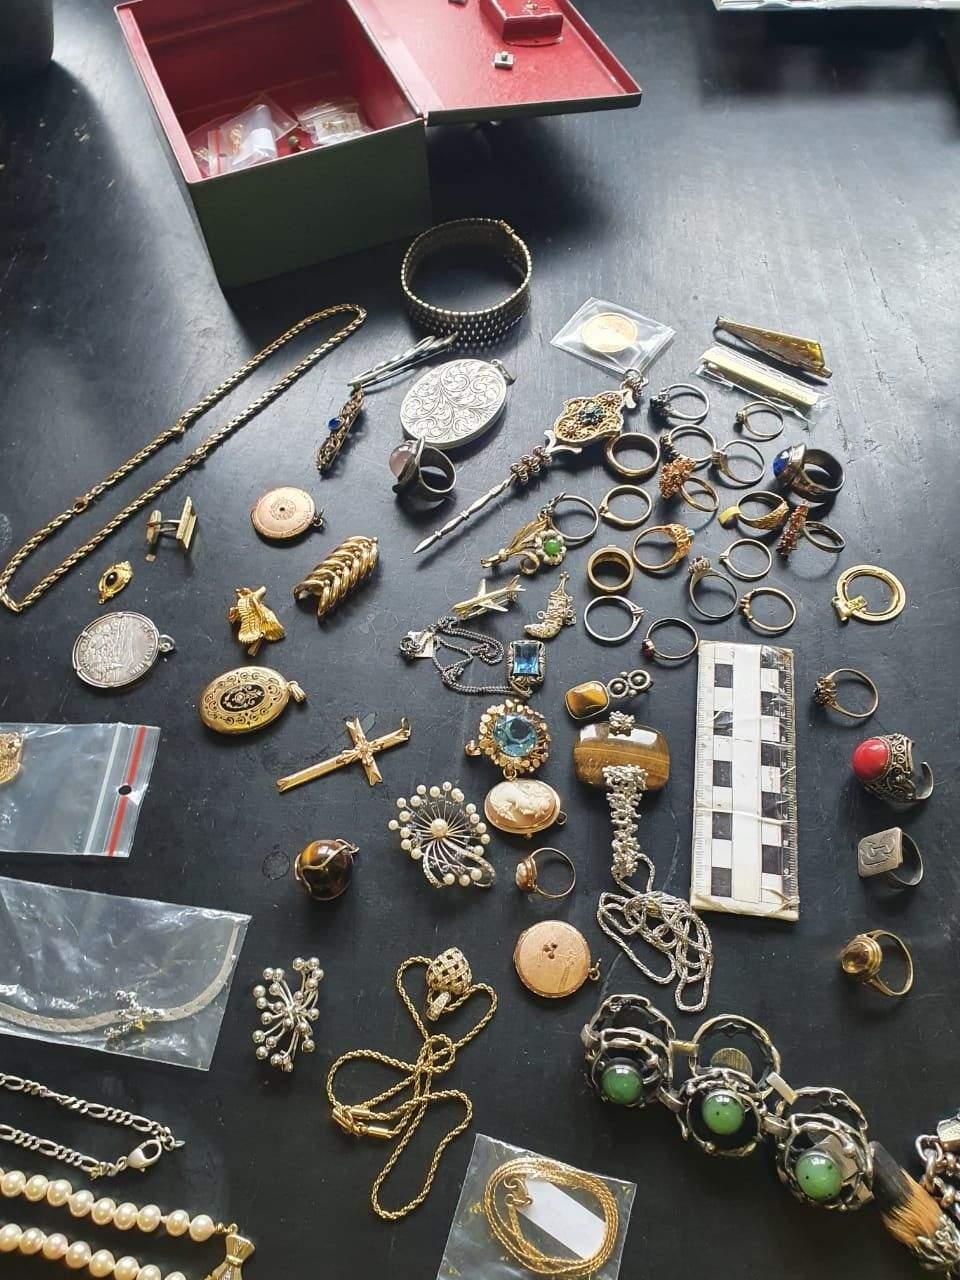 Скарби на пів мільйона гривень: львівські митники вилучили в чоловіка колекцію старовинних речей